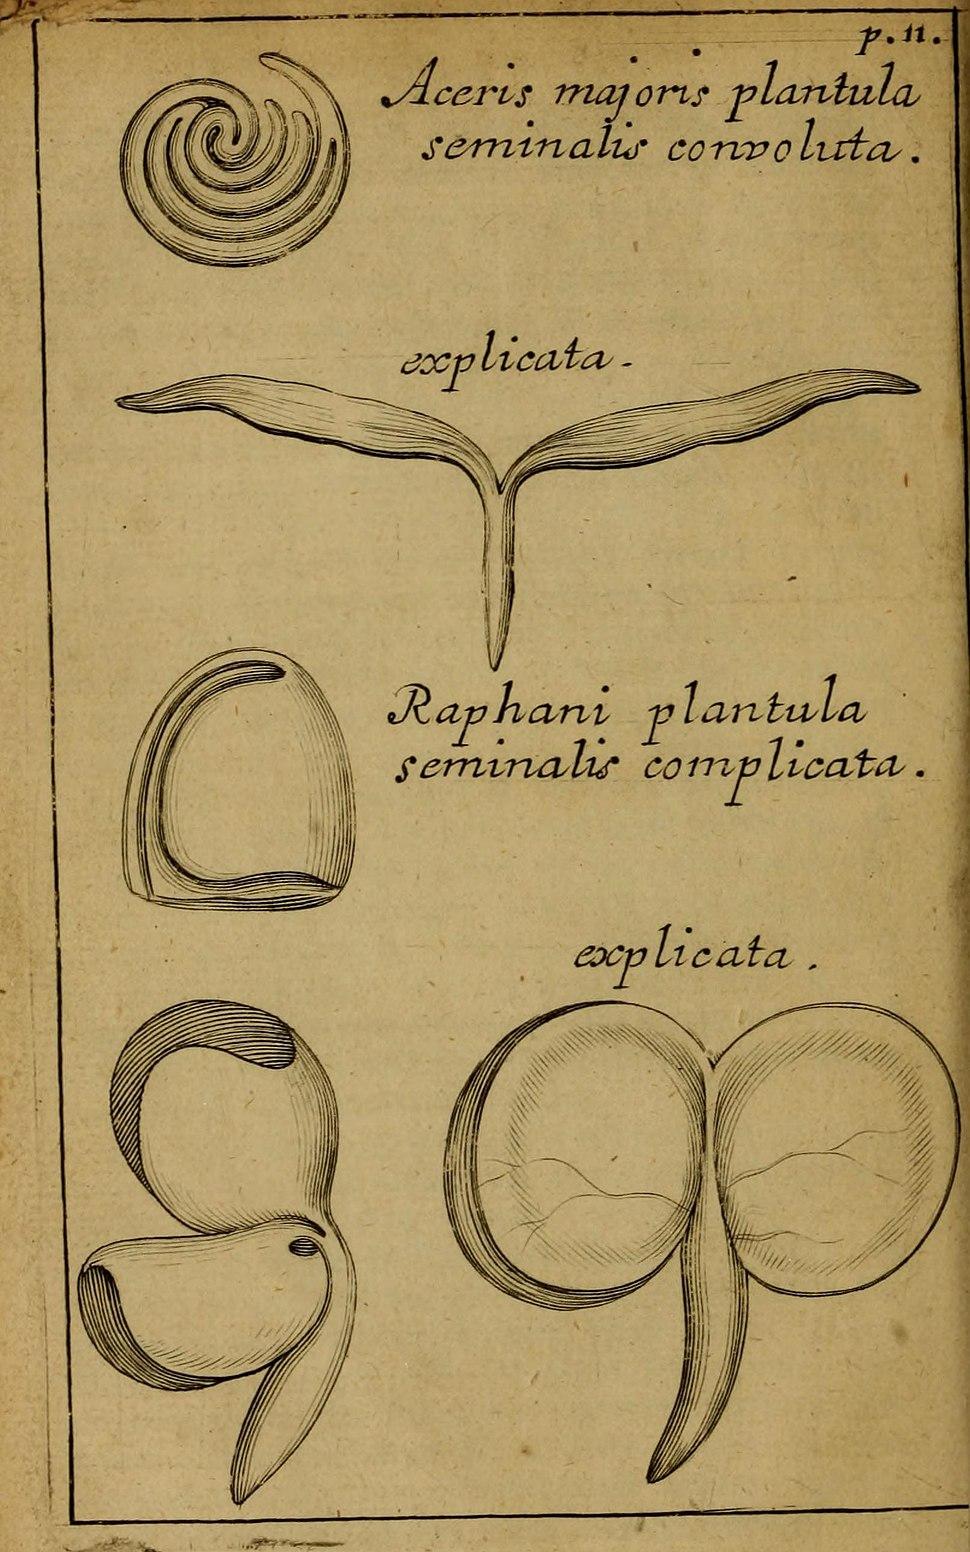 Ray-Malpighi cotyledon